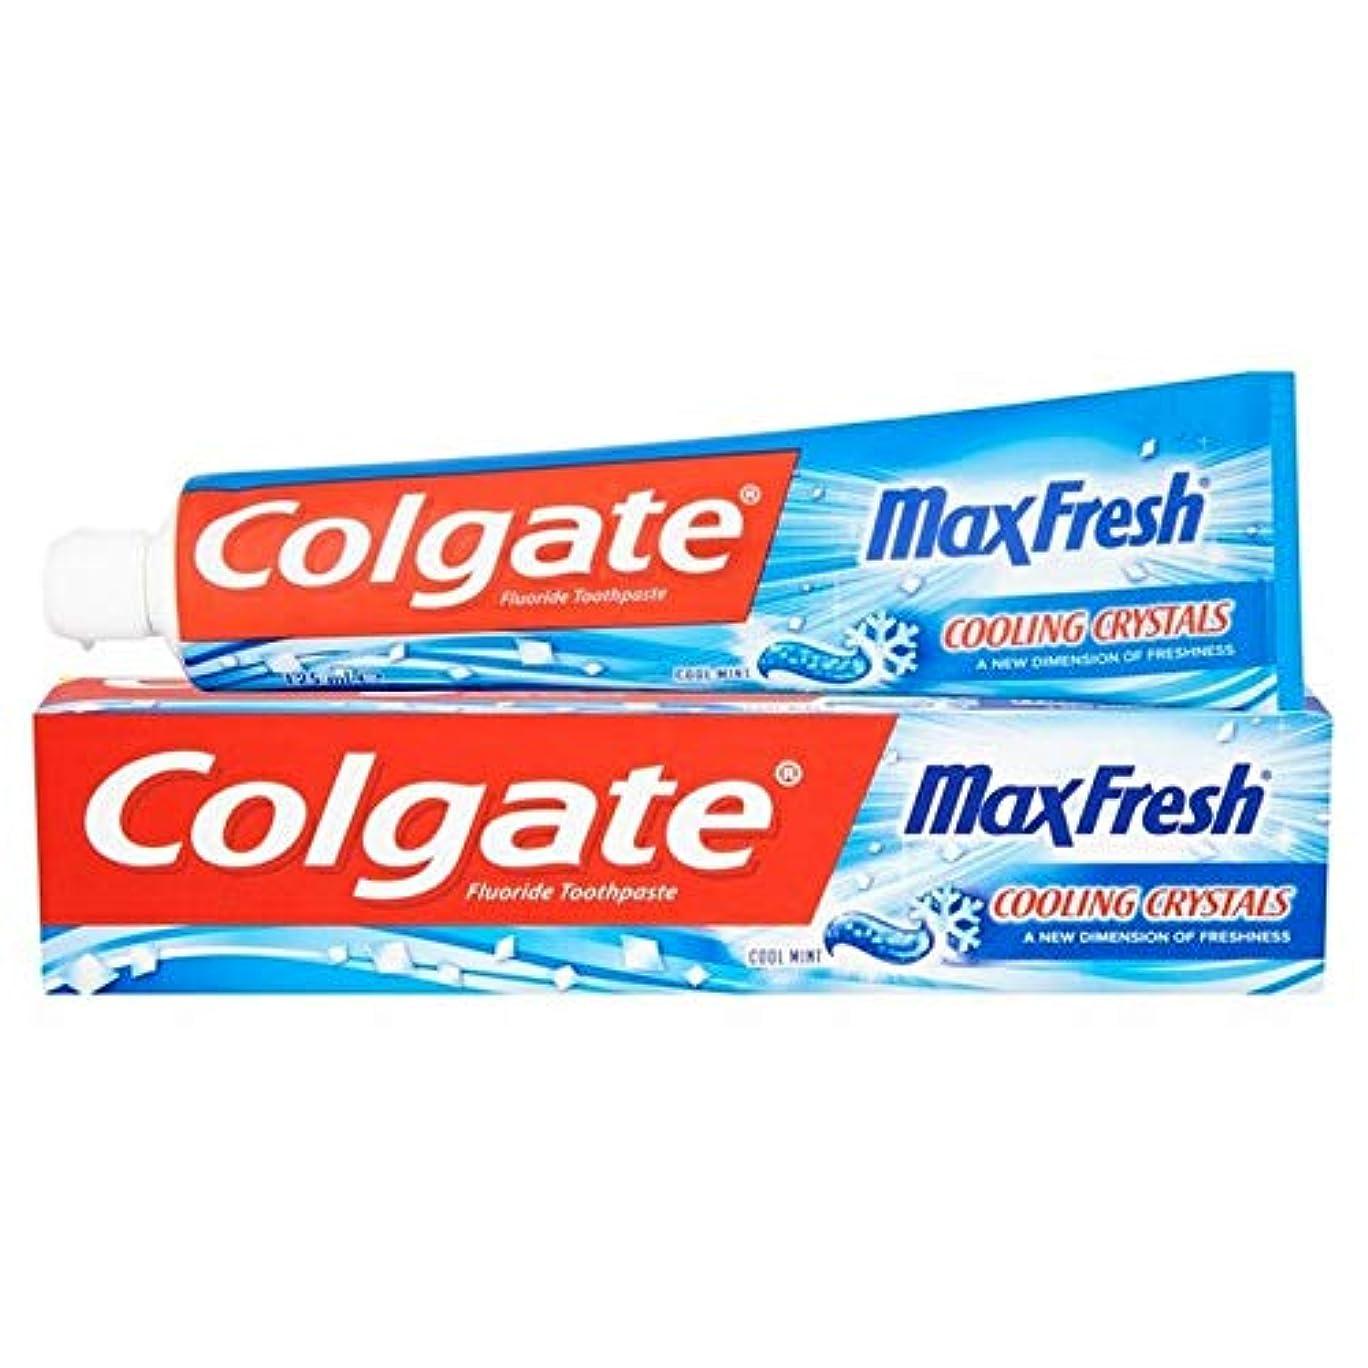 アイデア地上でジェム[Colgate ] 冷却結晶歯磨き粉の125ミリリットル新鮮なコルゲートマックス - Colgate Max Fresh with Cooling Crystals Toothpaste 125ml [並行輸入品]